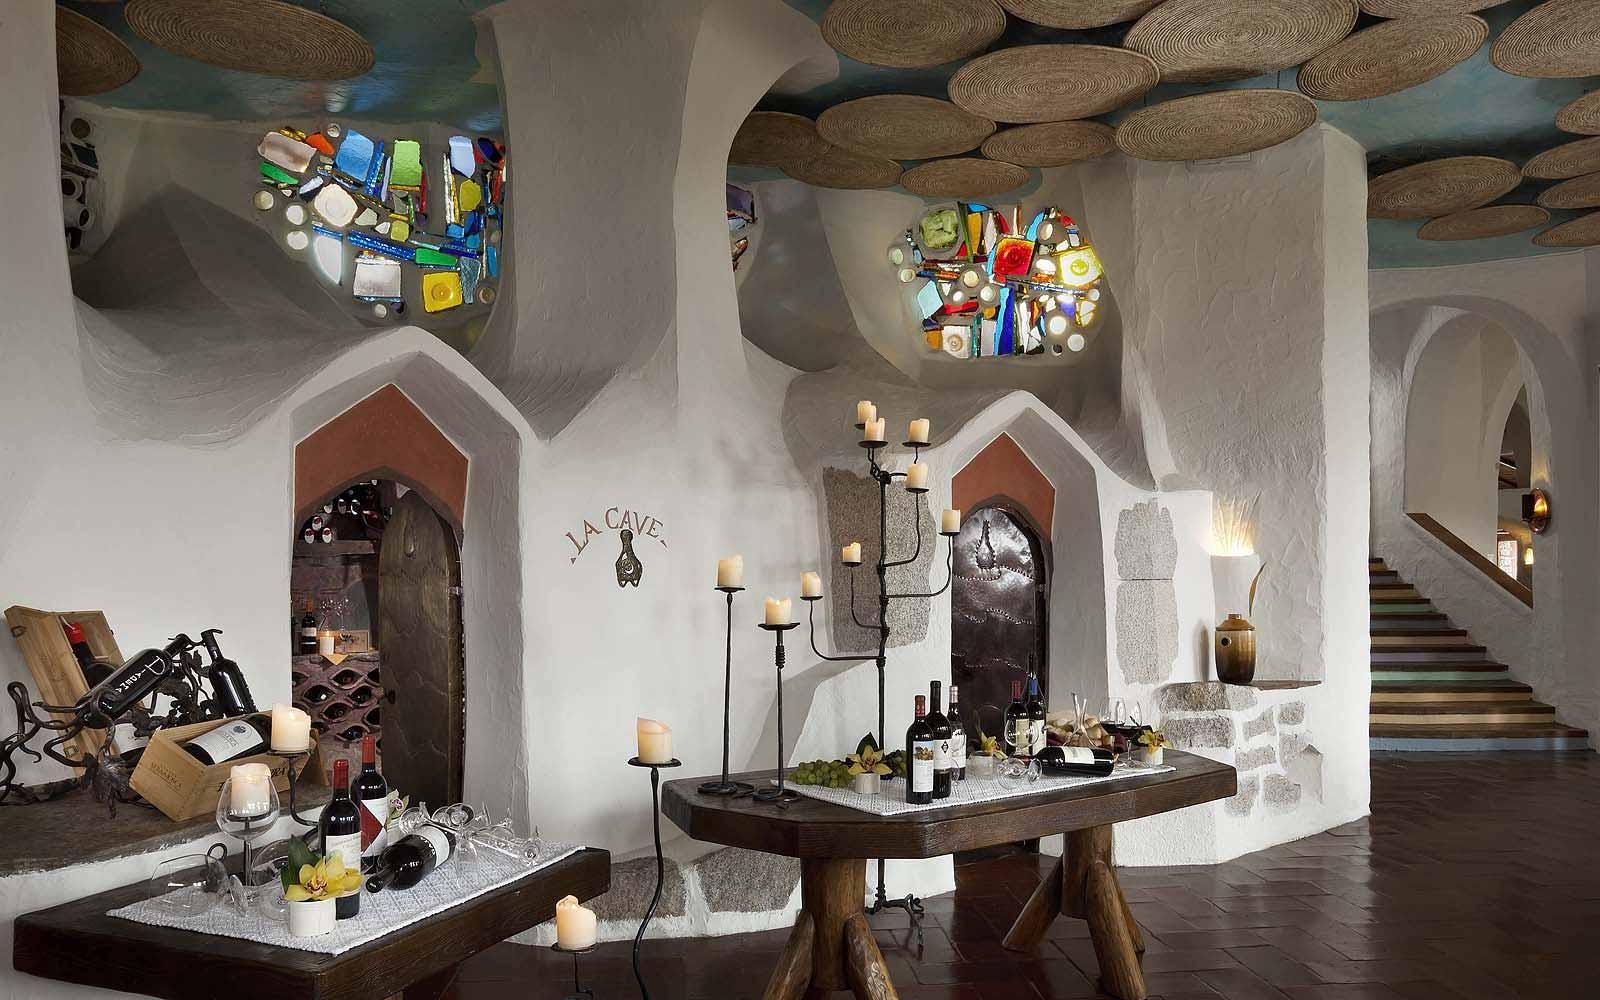 La Cave Wine Cellar at the Hotel Cala di Volpe